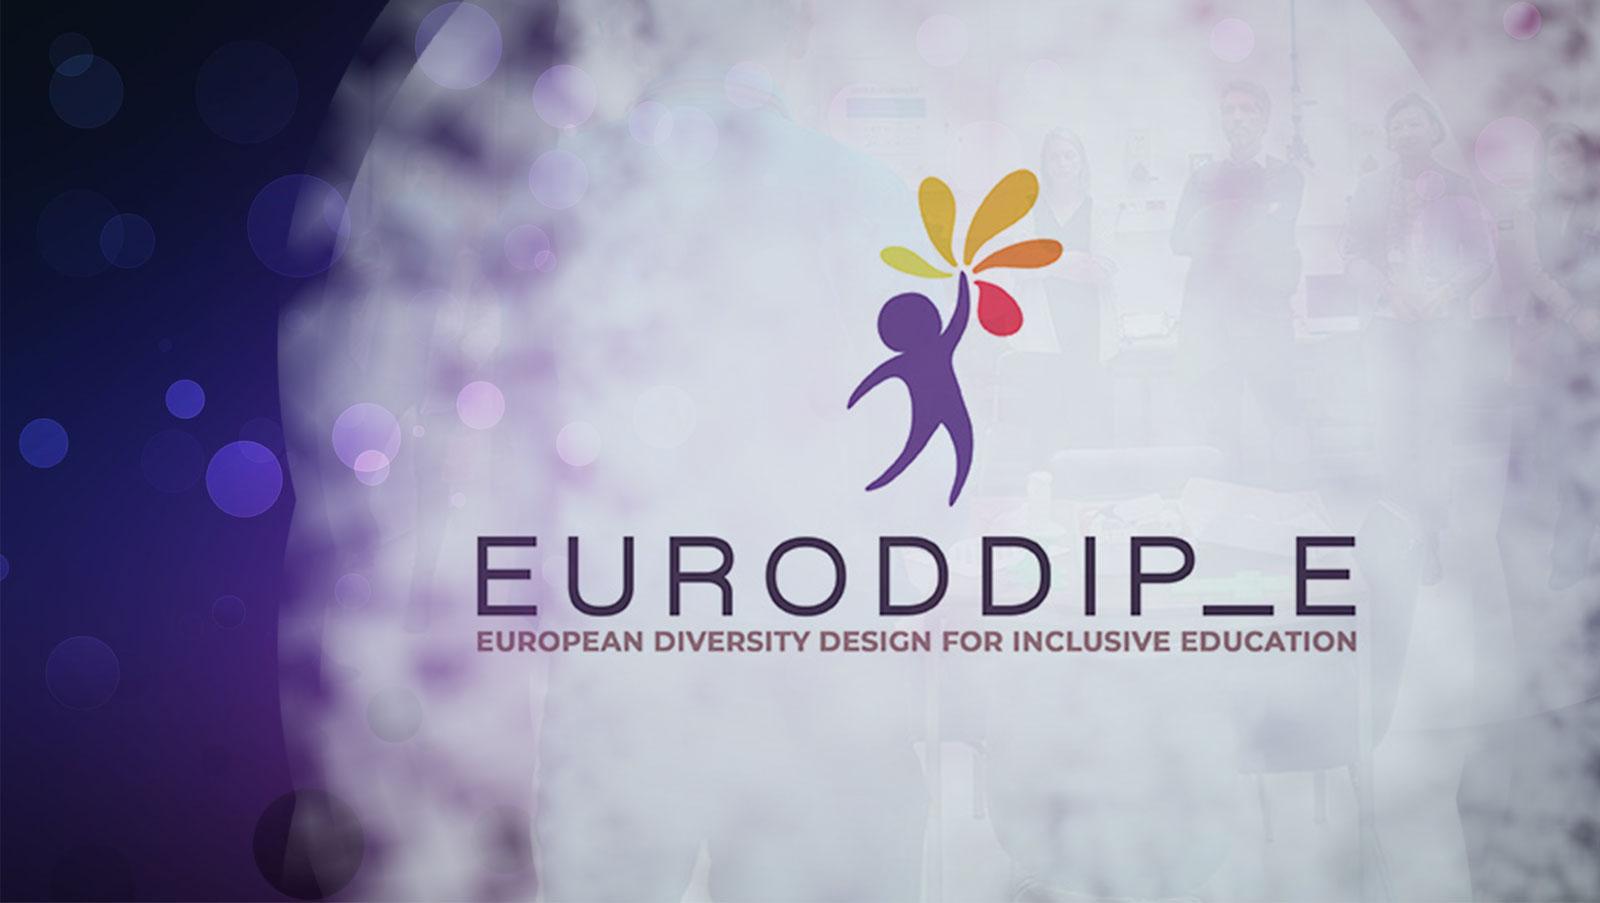 Projeto EURODDIP-e